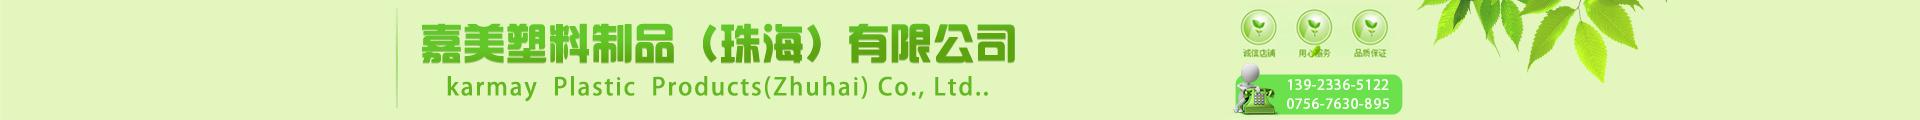 嘉美塑料製品(珠海)有限公司